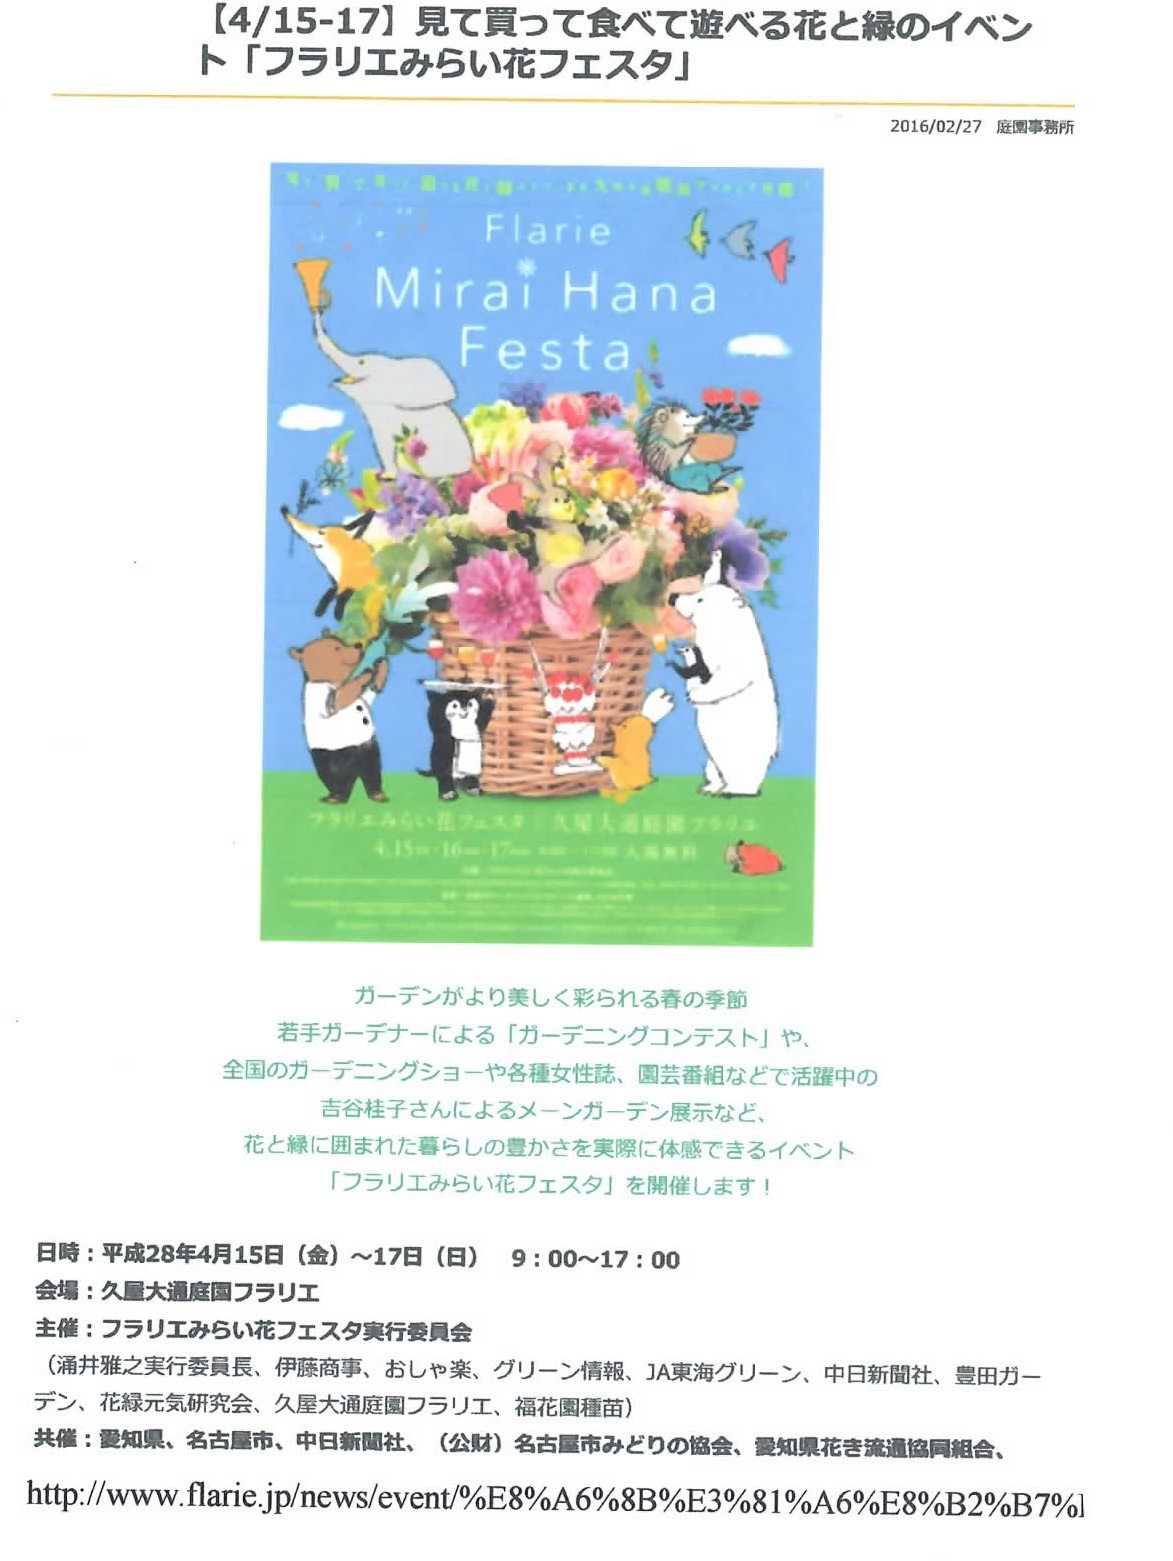 楽しみな「フラリエみらい花フェスタ」_f0139333_0364253.jpg